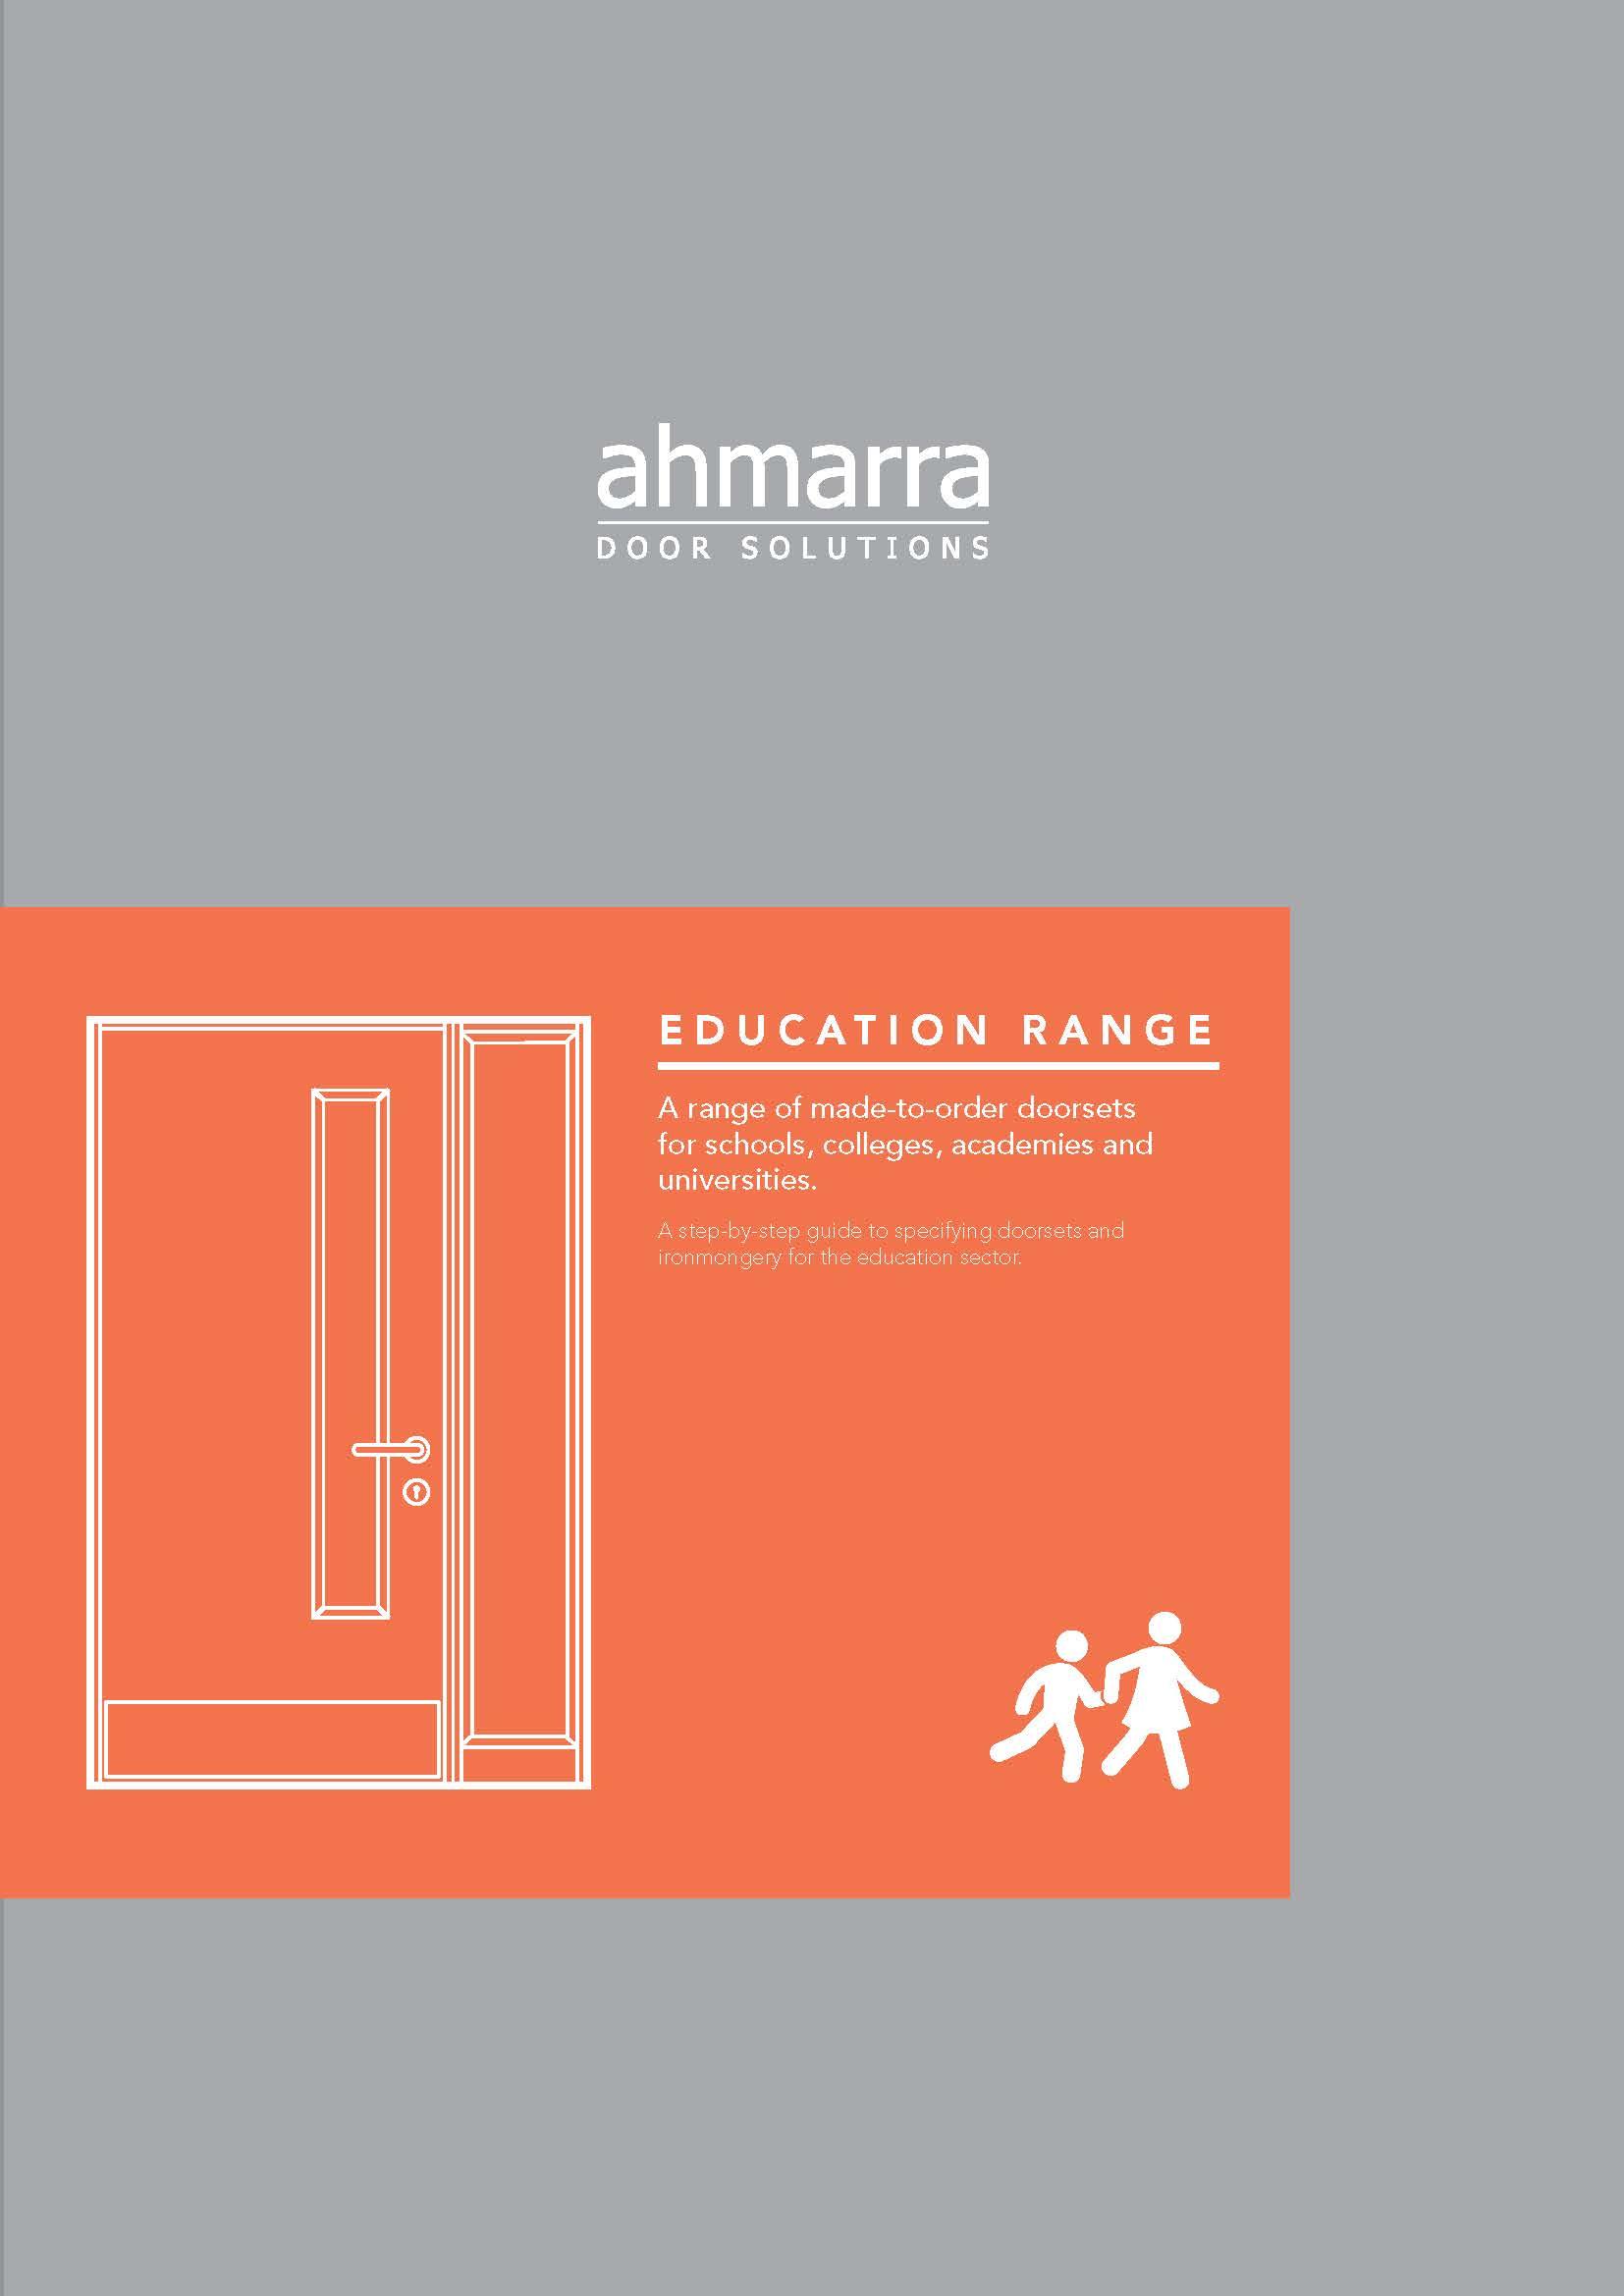 Education Range Brochure | Ahmarra Door Solutions